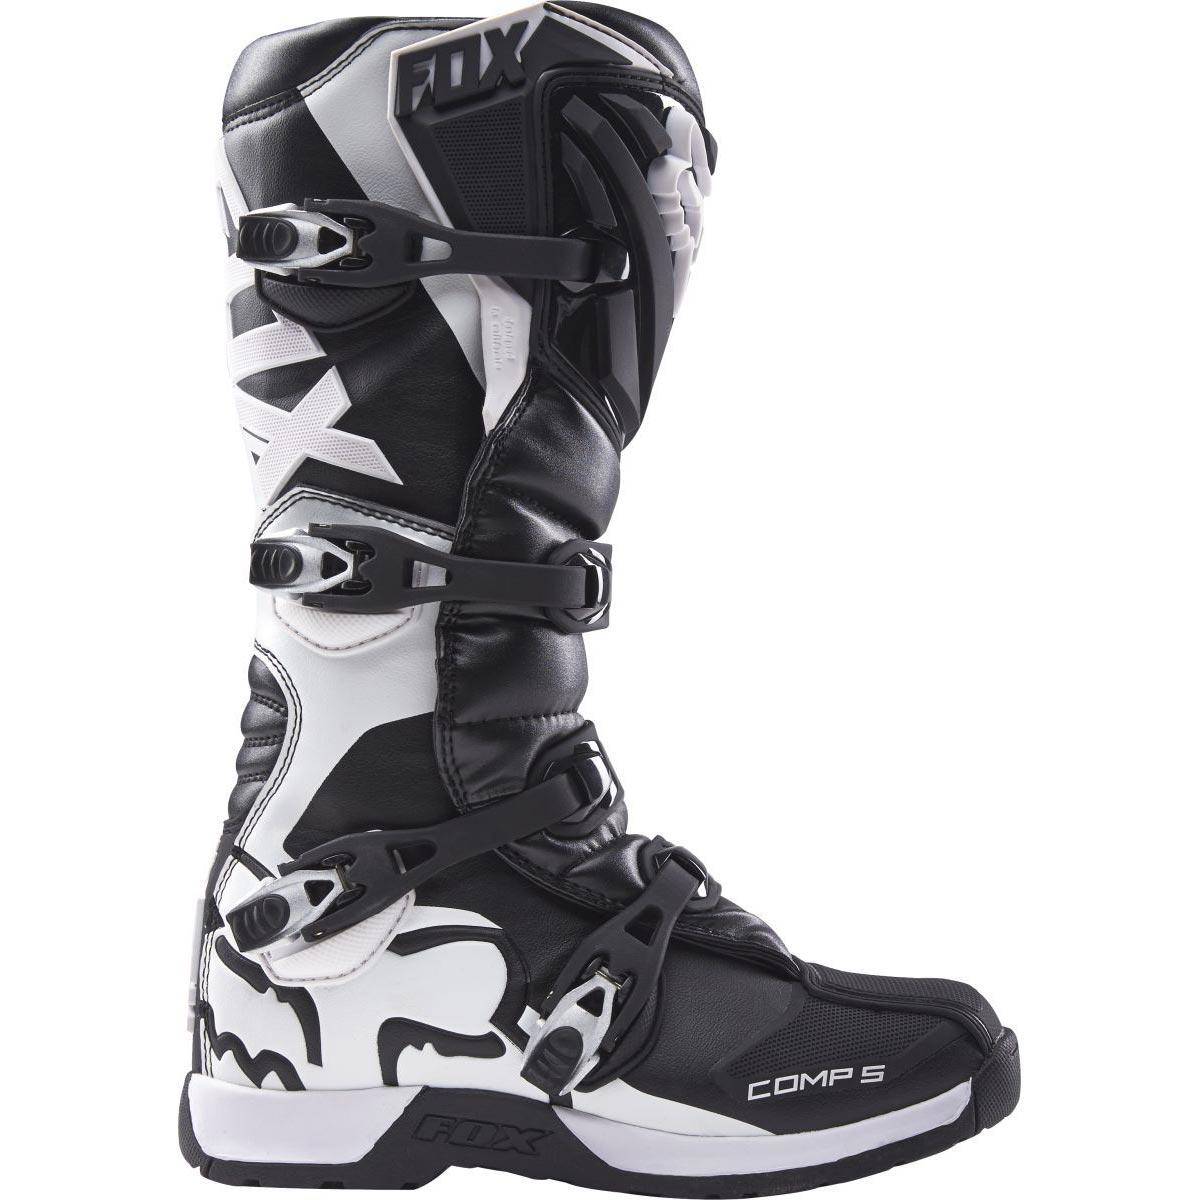 МОТОБОТЫ FOX COMP 5 BOOT BLACK ― Артмото - купить квадроцикл в украине и харькове, мотоцикл, снегоход, скутер, мопед, электромобиль